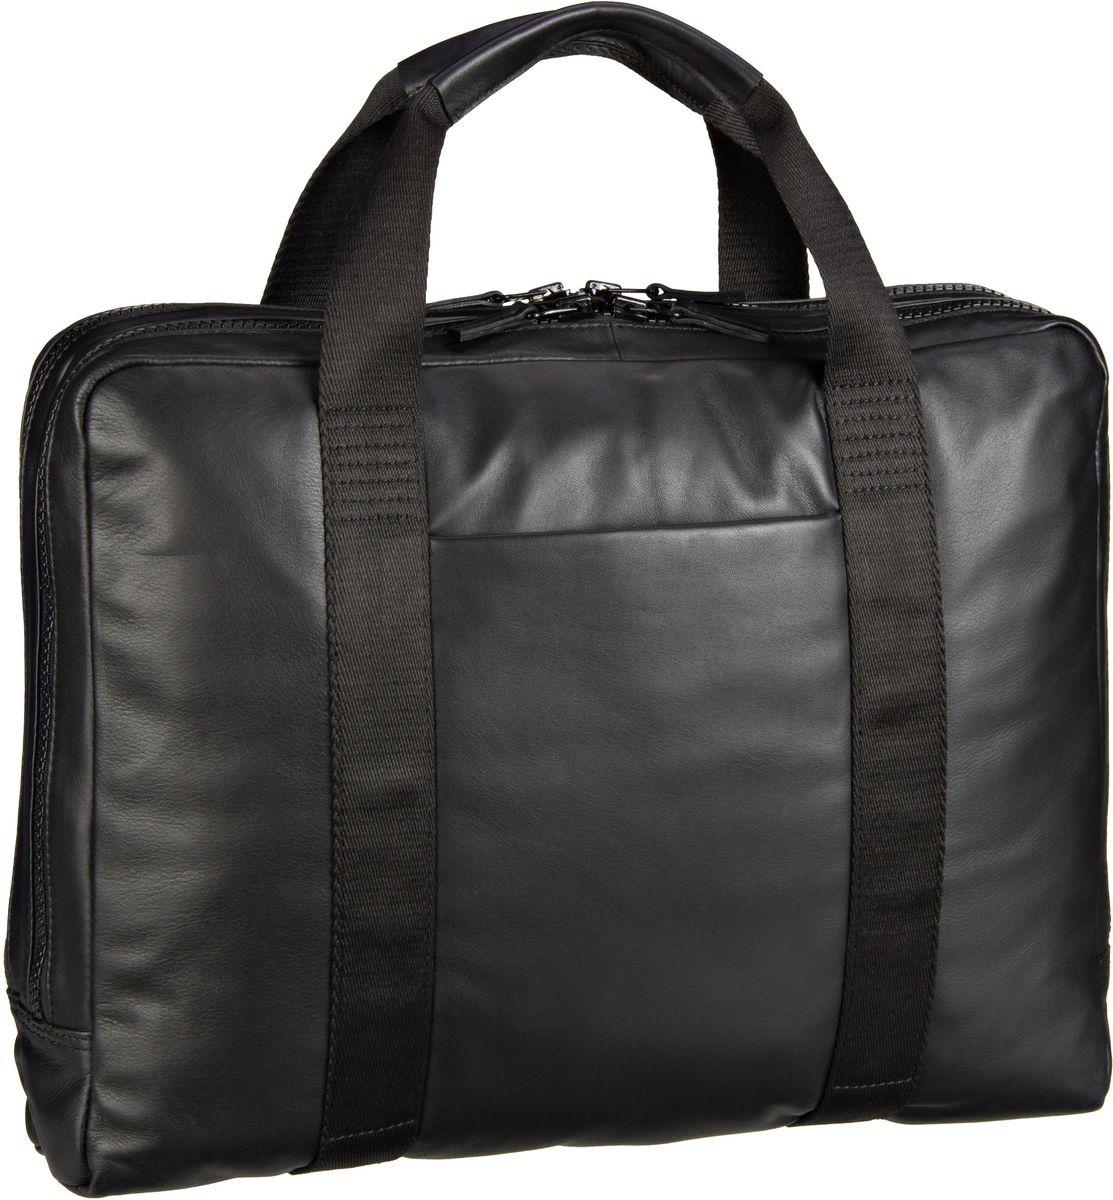 Businesstaschen für Frauen - Leonhard Heyden Aktentasche Long Island 6705 Kurzgrifftasche L 2 Fächer Schwarz  - Onlineshop Taschenkaufhaus